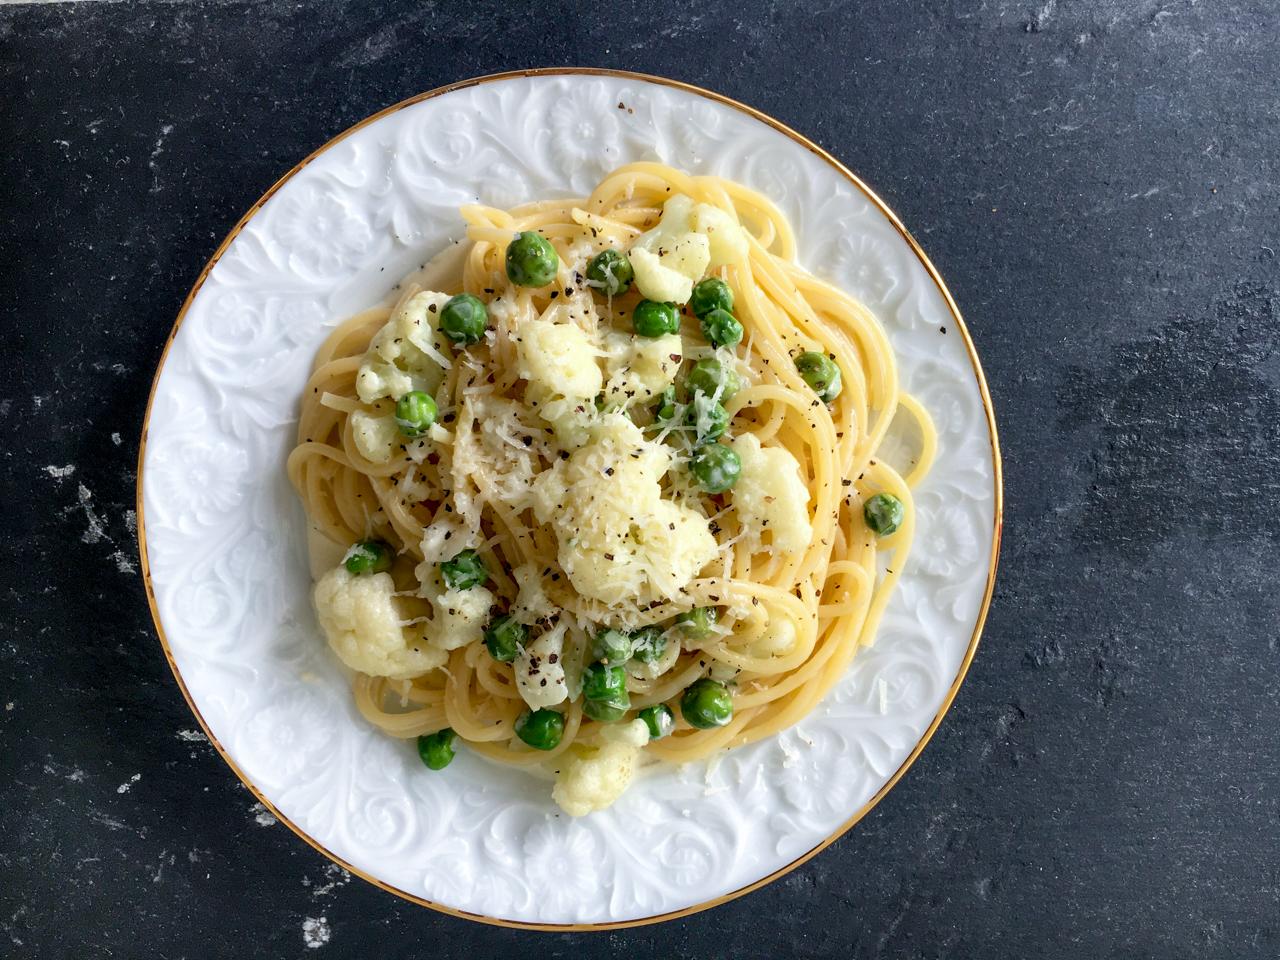 Rezept für Nudeln mit Blumenkohl in einer Käse-Sahne-Sauce mit Erbsen. Vegetarisch